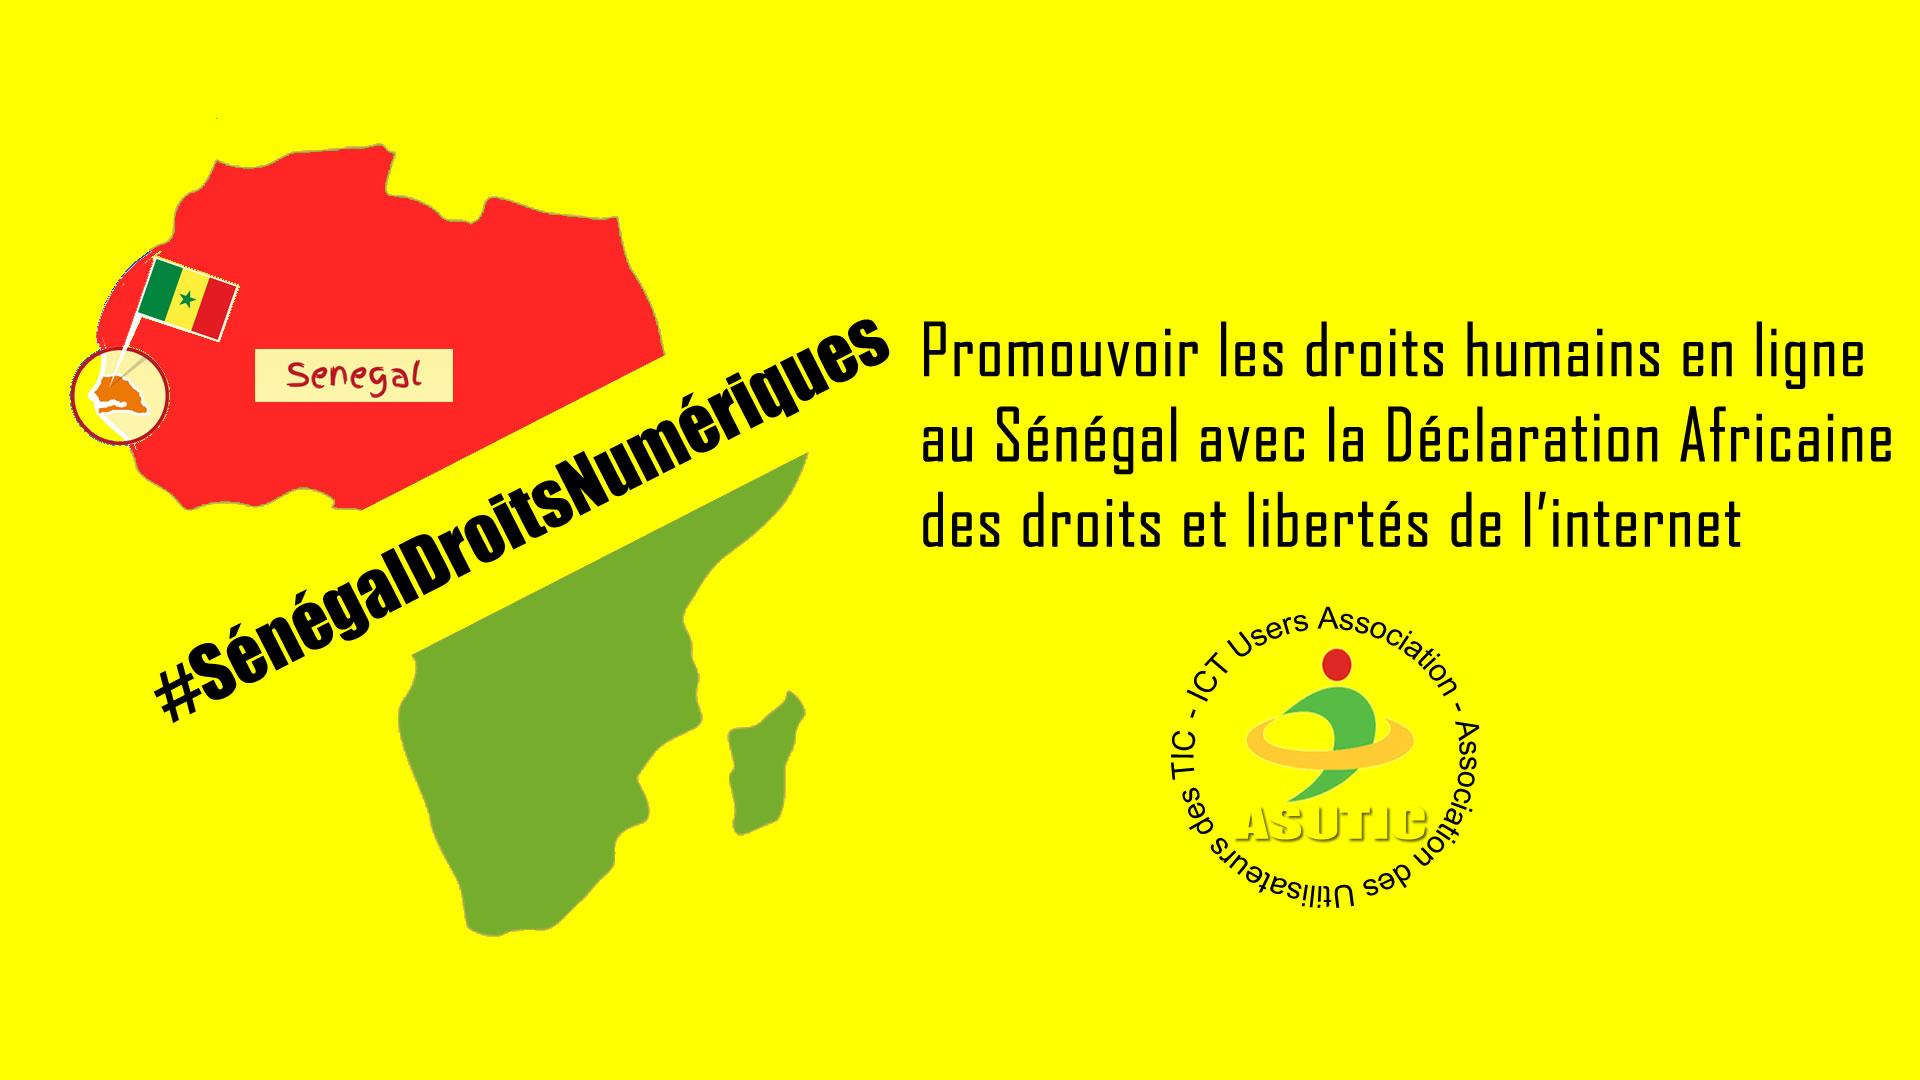 Déclaration Africaine des droits et libertés de l'internet